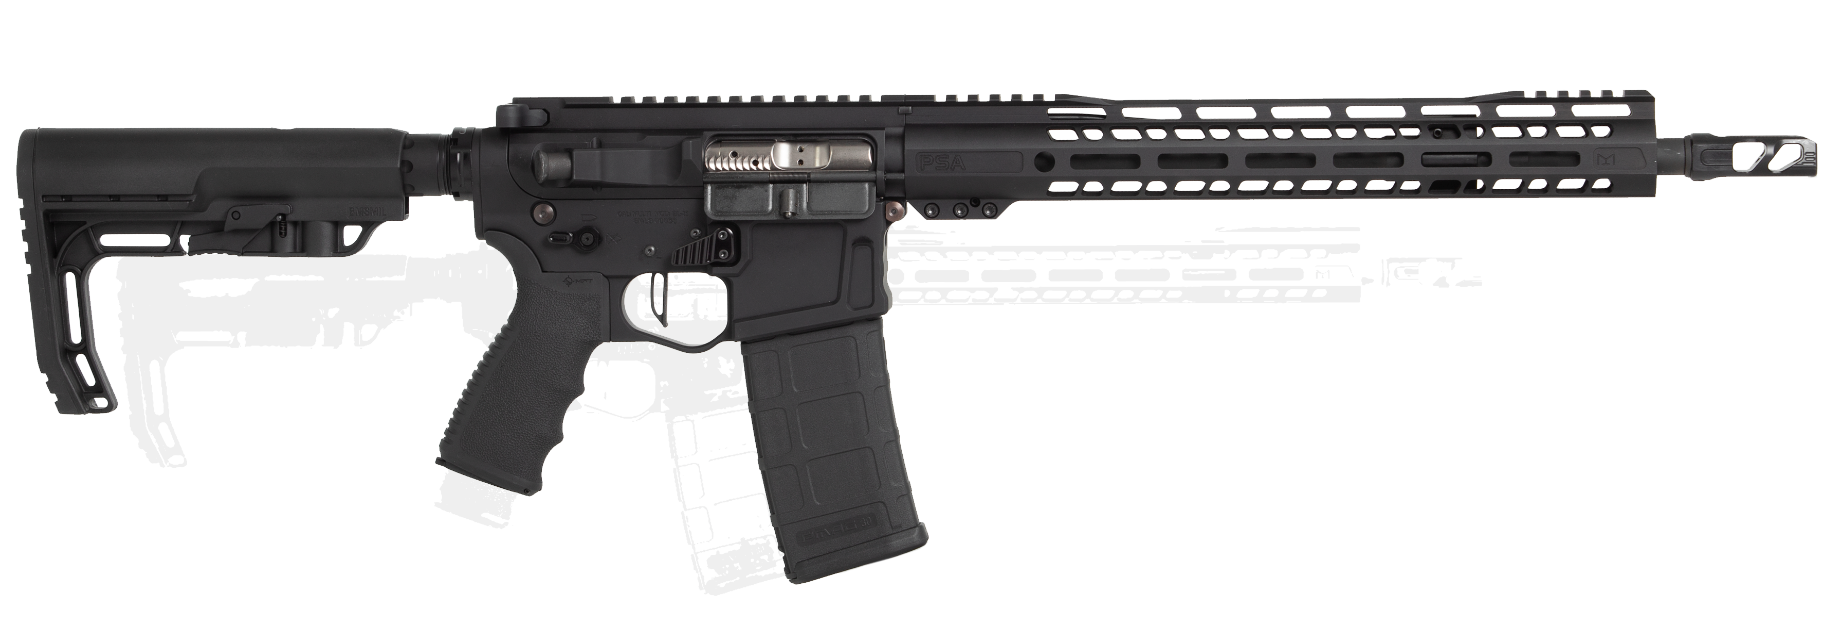 Palmetto State Armory Custom Firearms